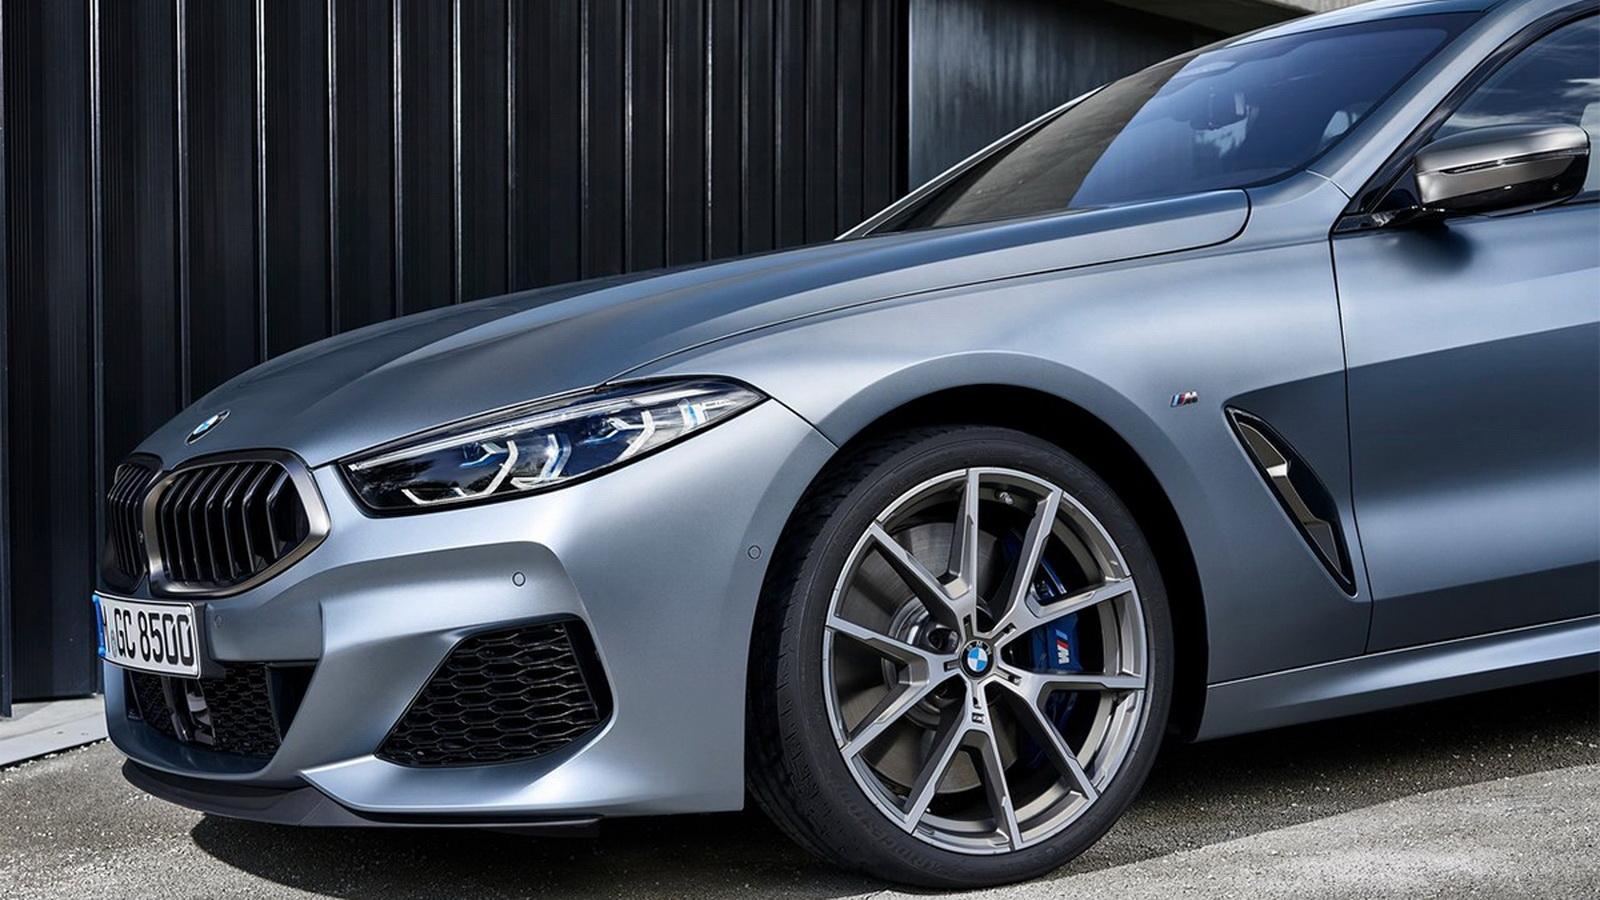 圖/2020 BMW 8-Series Gran Coupe M850i xDrive透過輕量化CFRP碳纖維複合材質、鋁與鎂材質換來更輕盈的車重,對加減速反應與操控皆打下優異基礎。